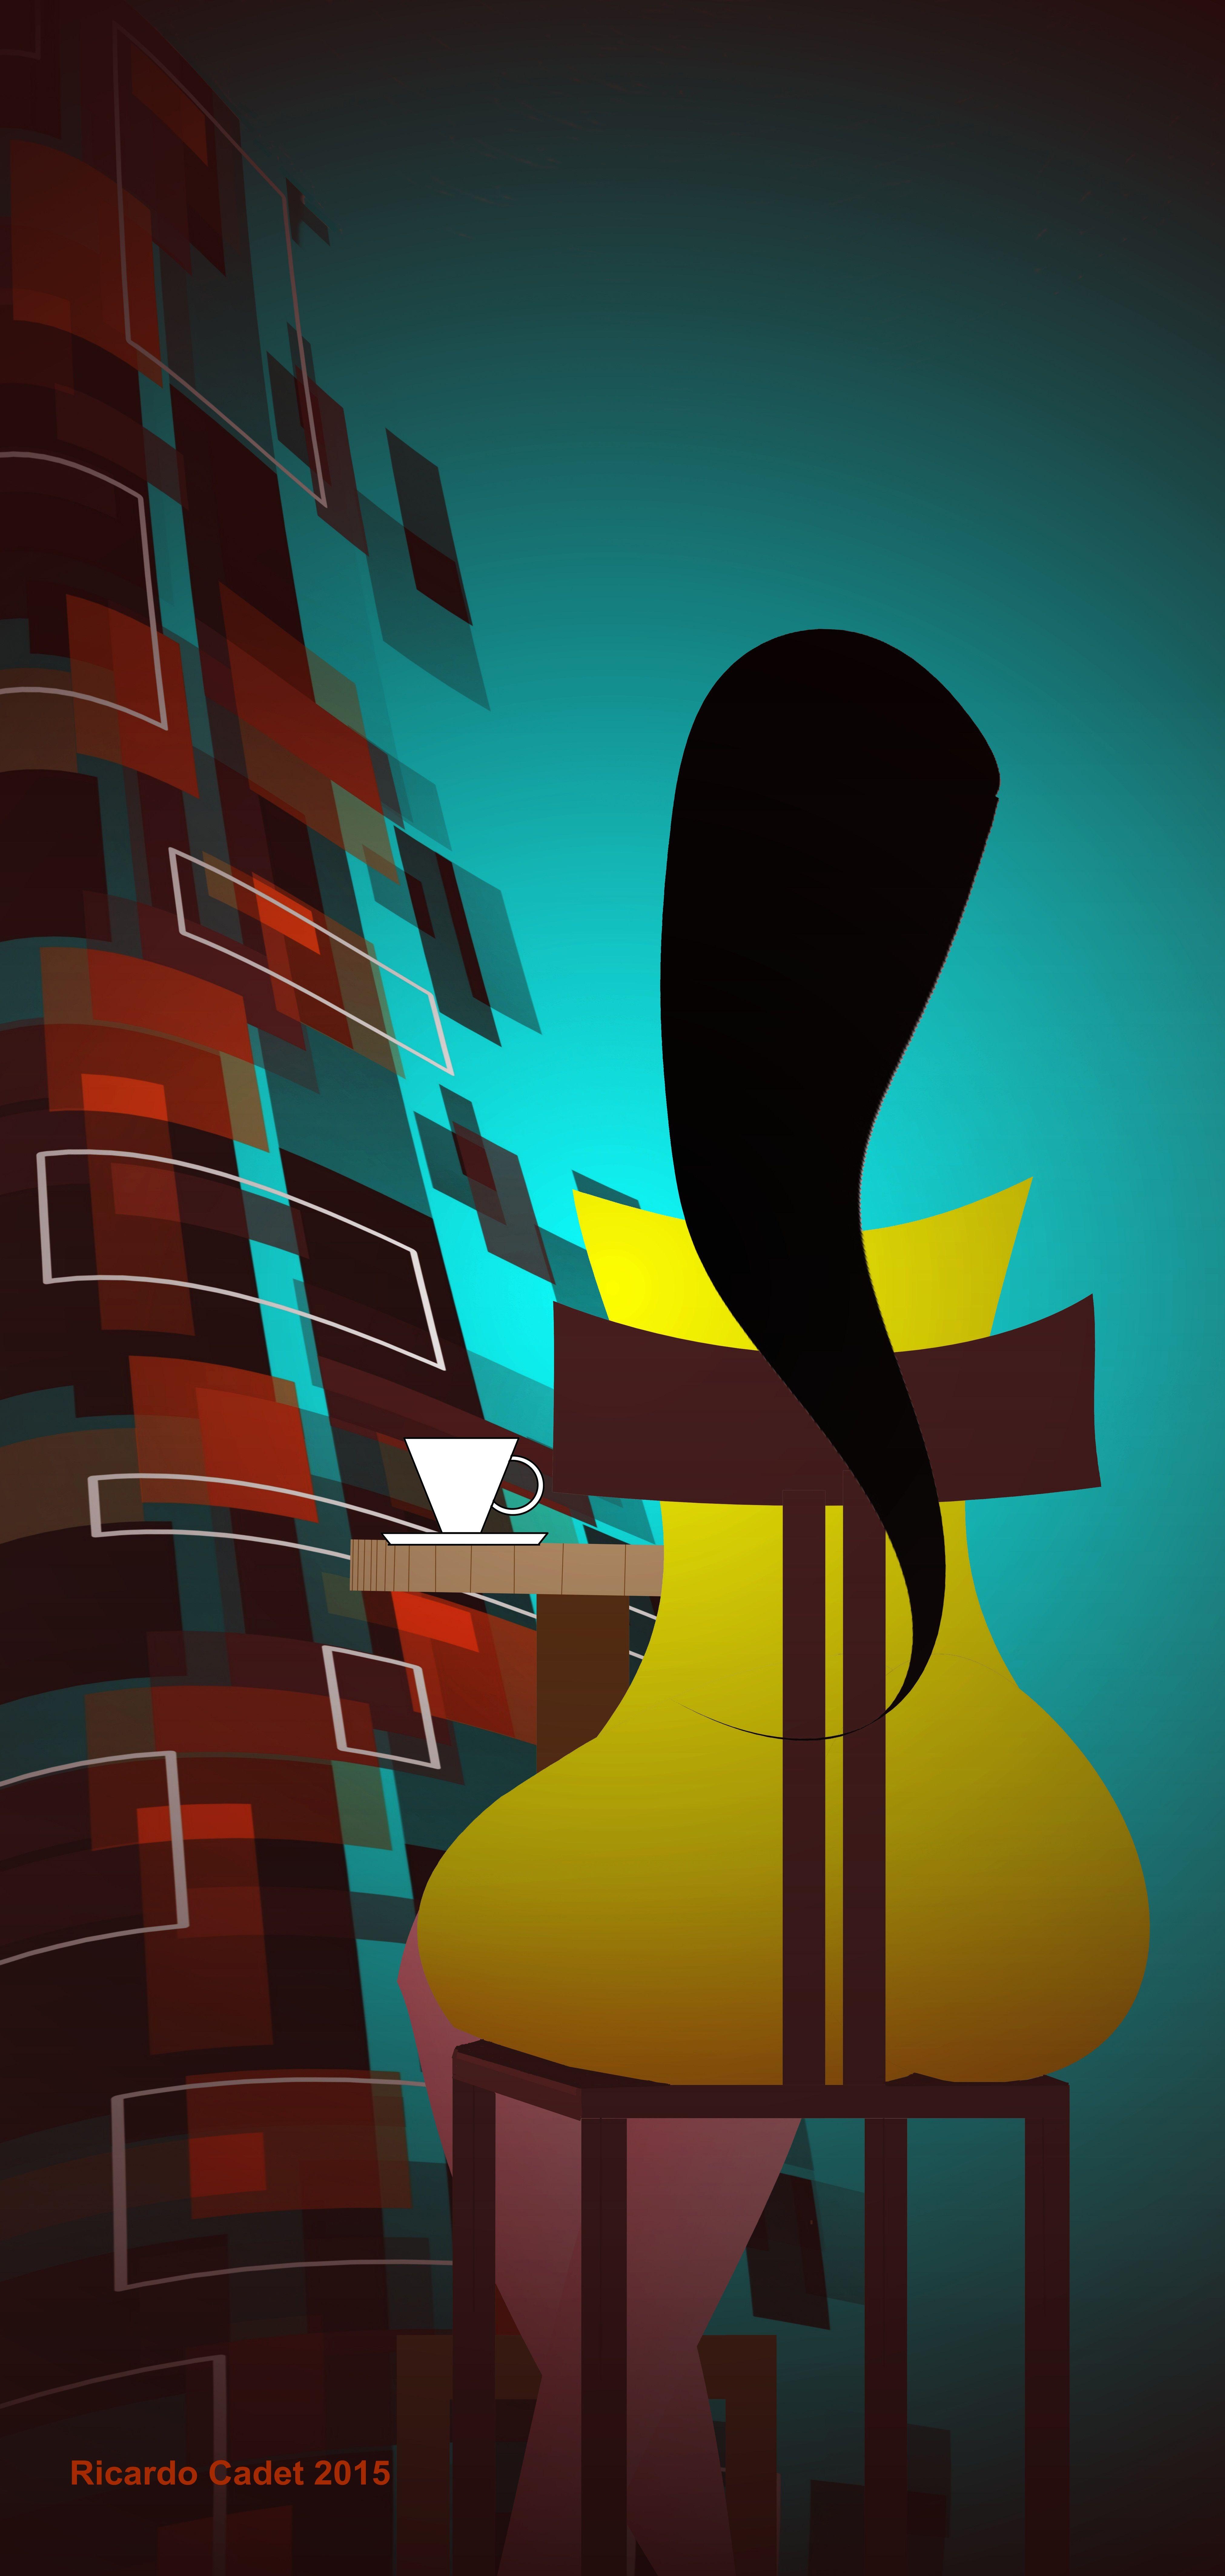 Atardecer en el café con la chica del vestido amarillo  #arte #artecontemporáneo #diseño #desing #art #ilustracion #artedigital #ilustration #RicardoCadet #hechoenVenezuela #madeinVenezuela